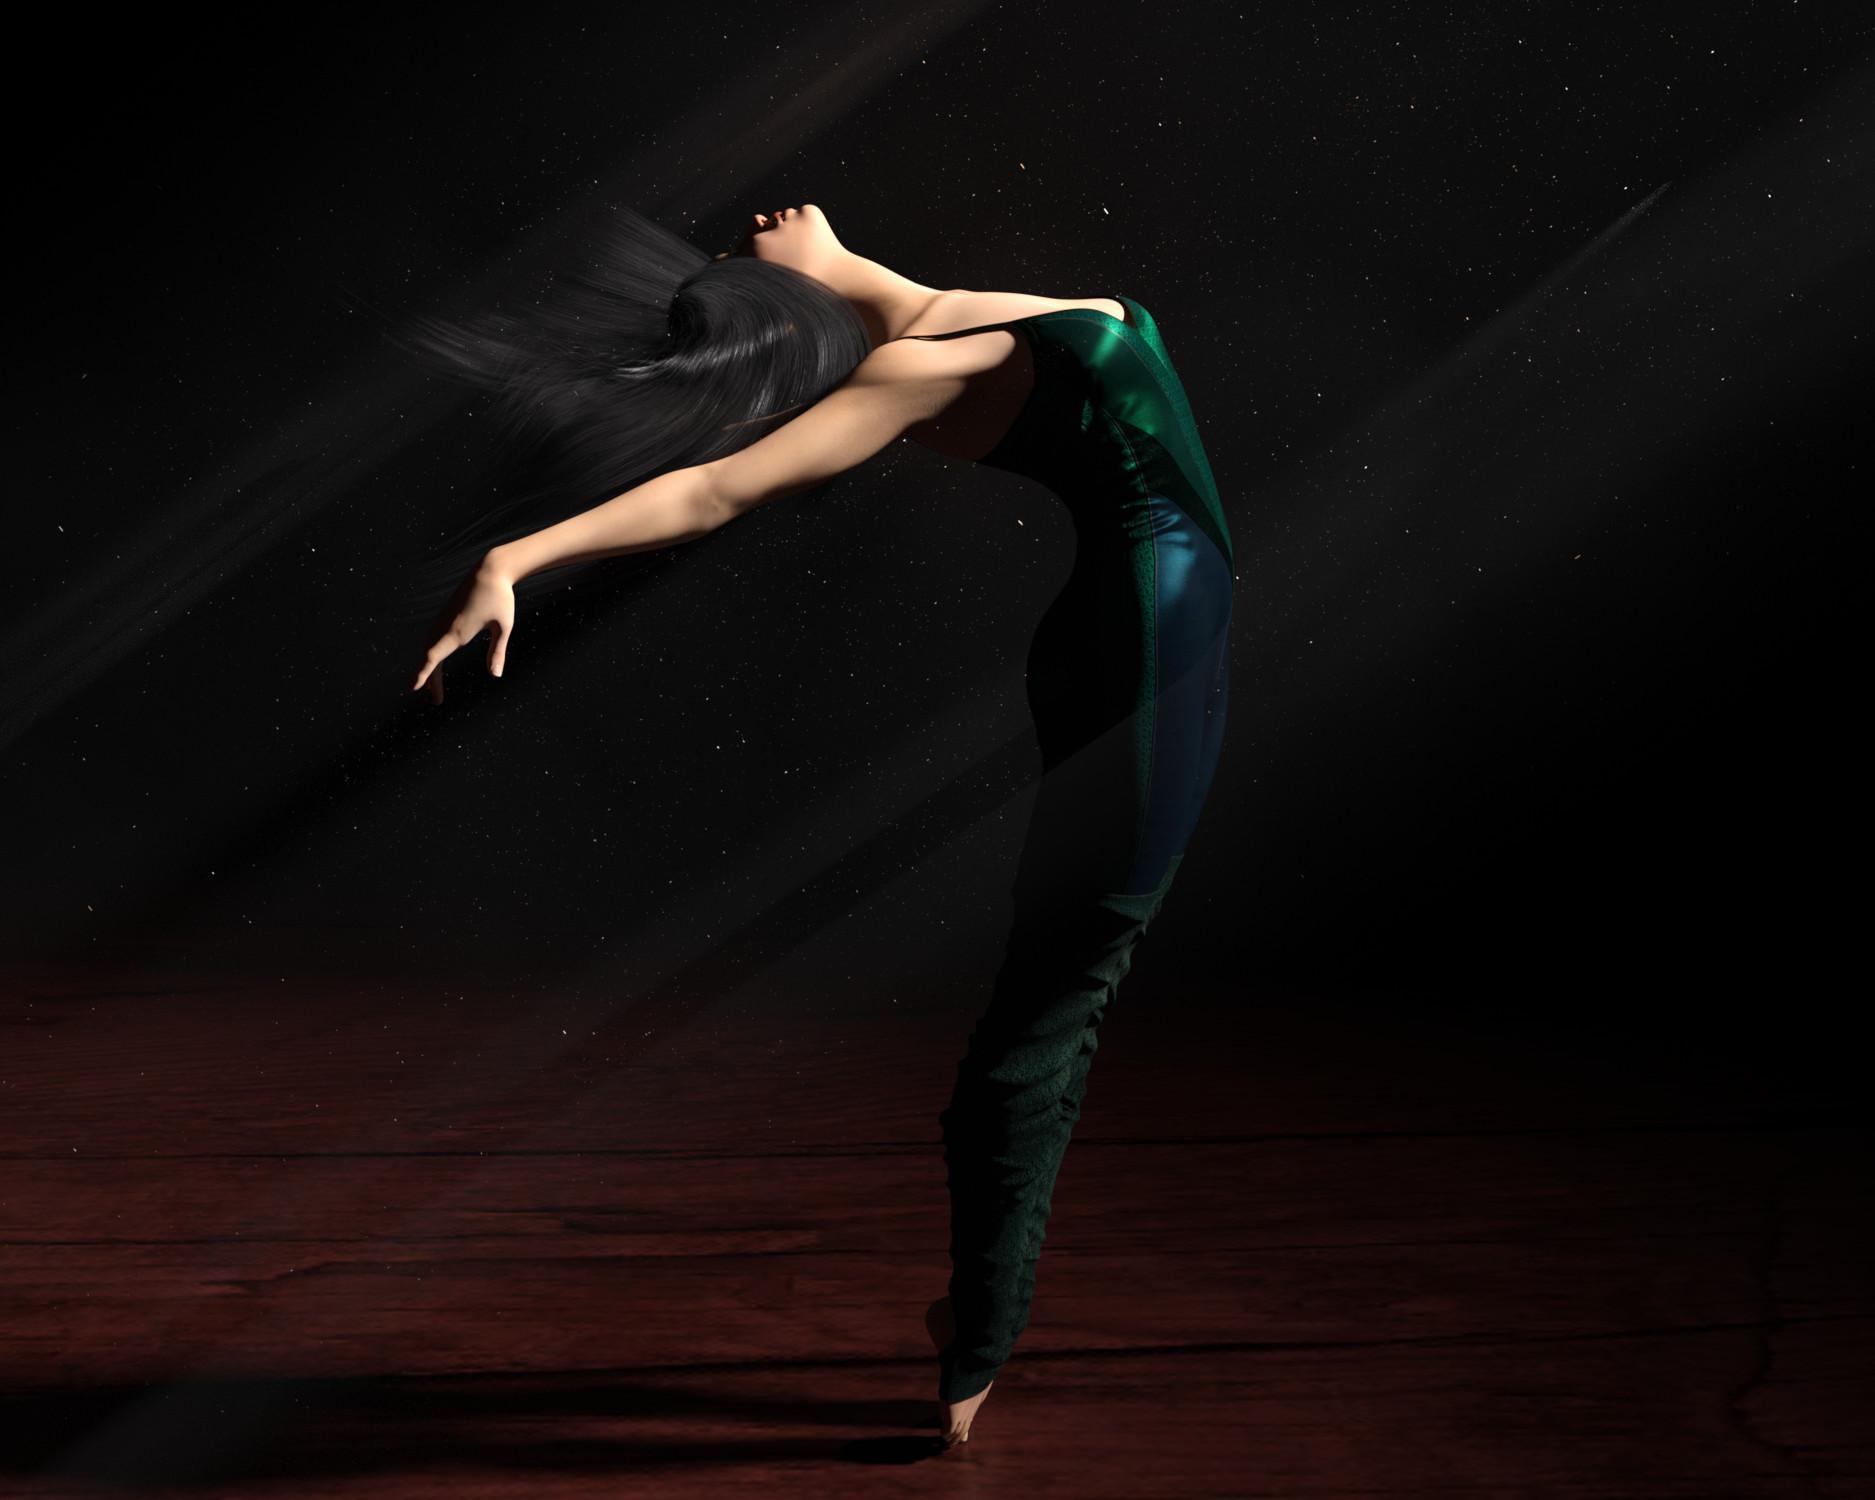 Ling Dancing